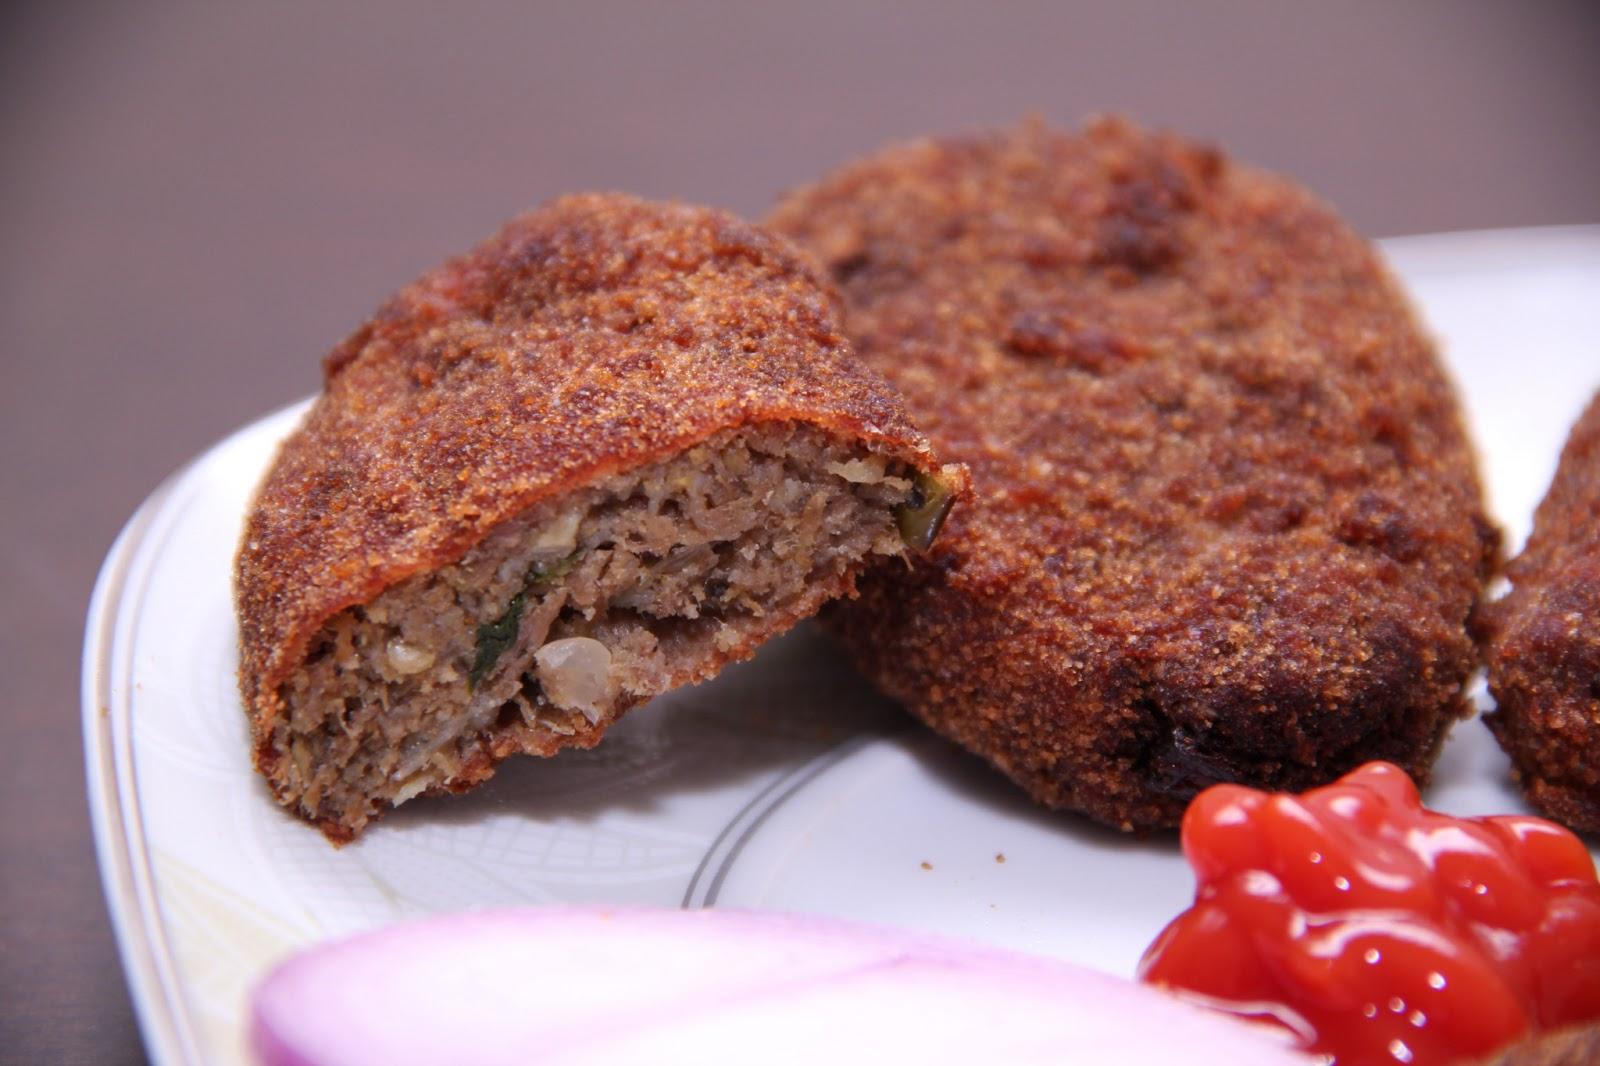 Мясо (телятина, говядина) — 1/2 кг, крахмал — 2 ст.